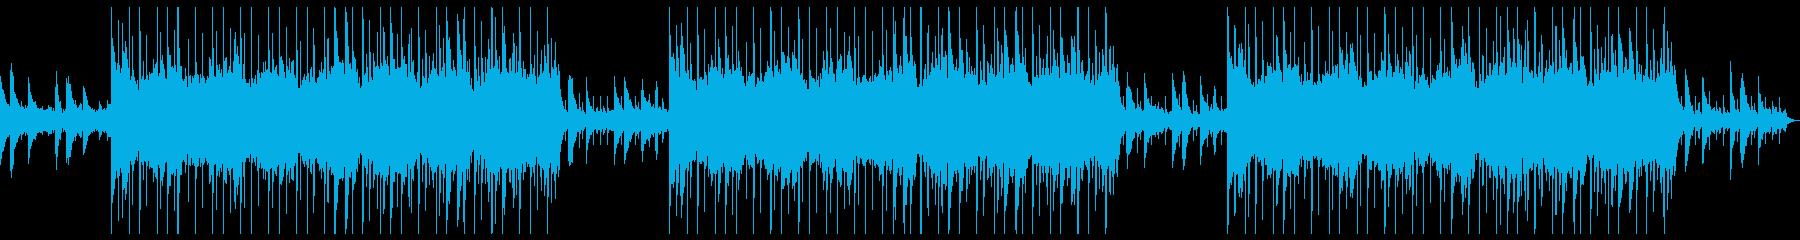 ダークで謎めいた雰囲気のアンビエント音楽の再生済みの波形